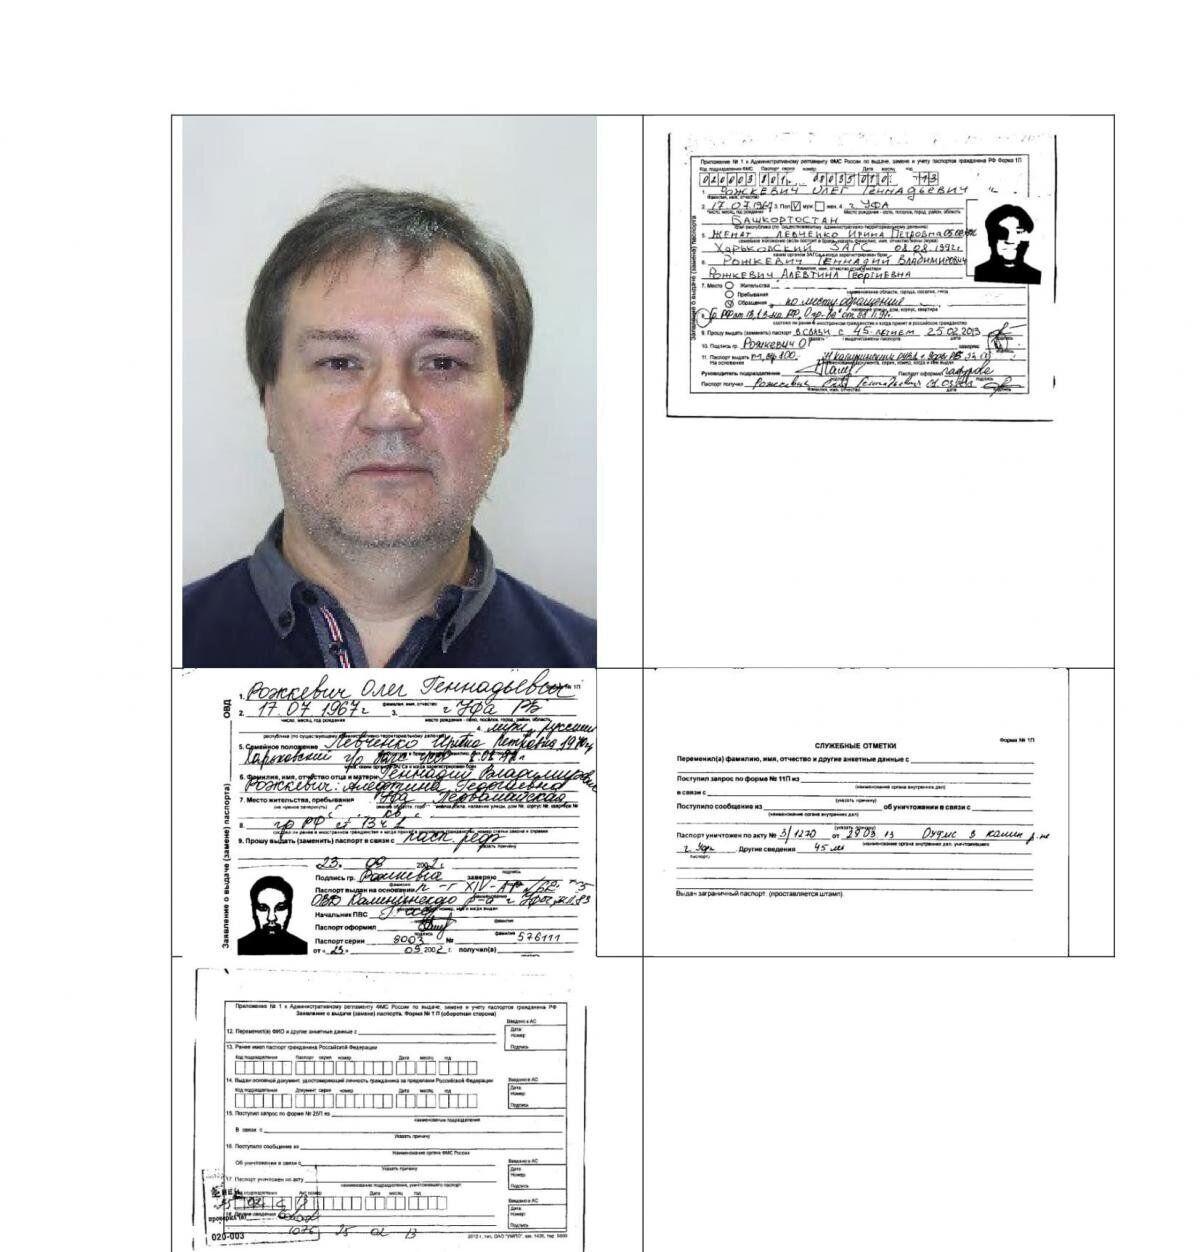 Копия российского паспорта Рожкевича, фото 4